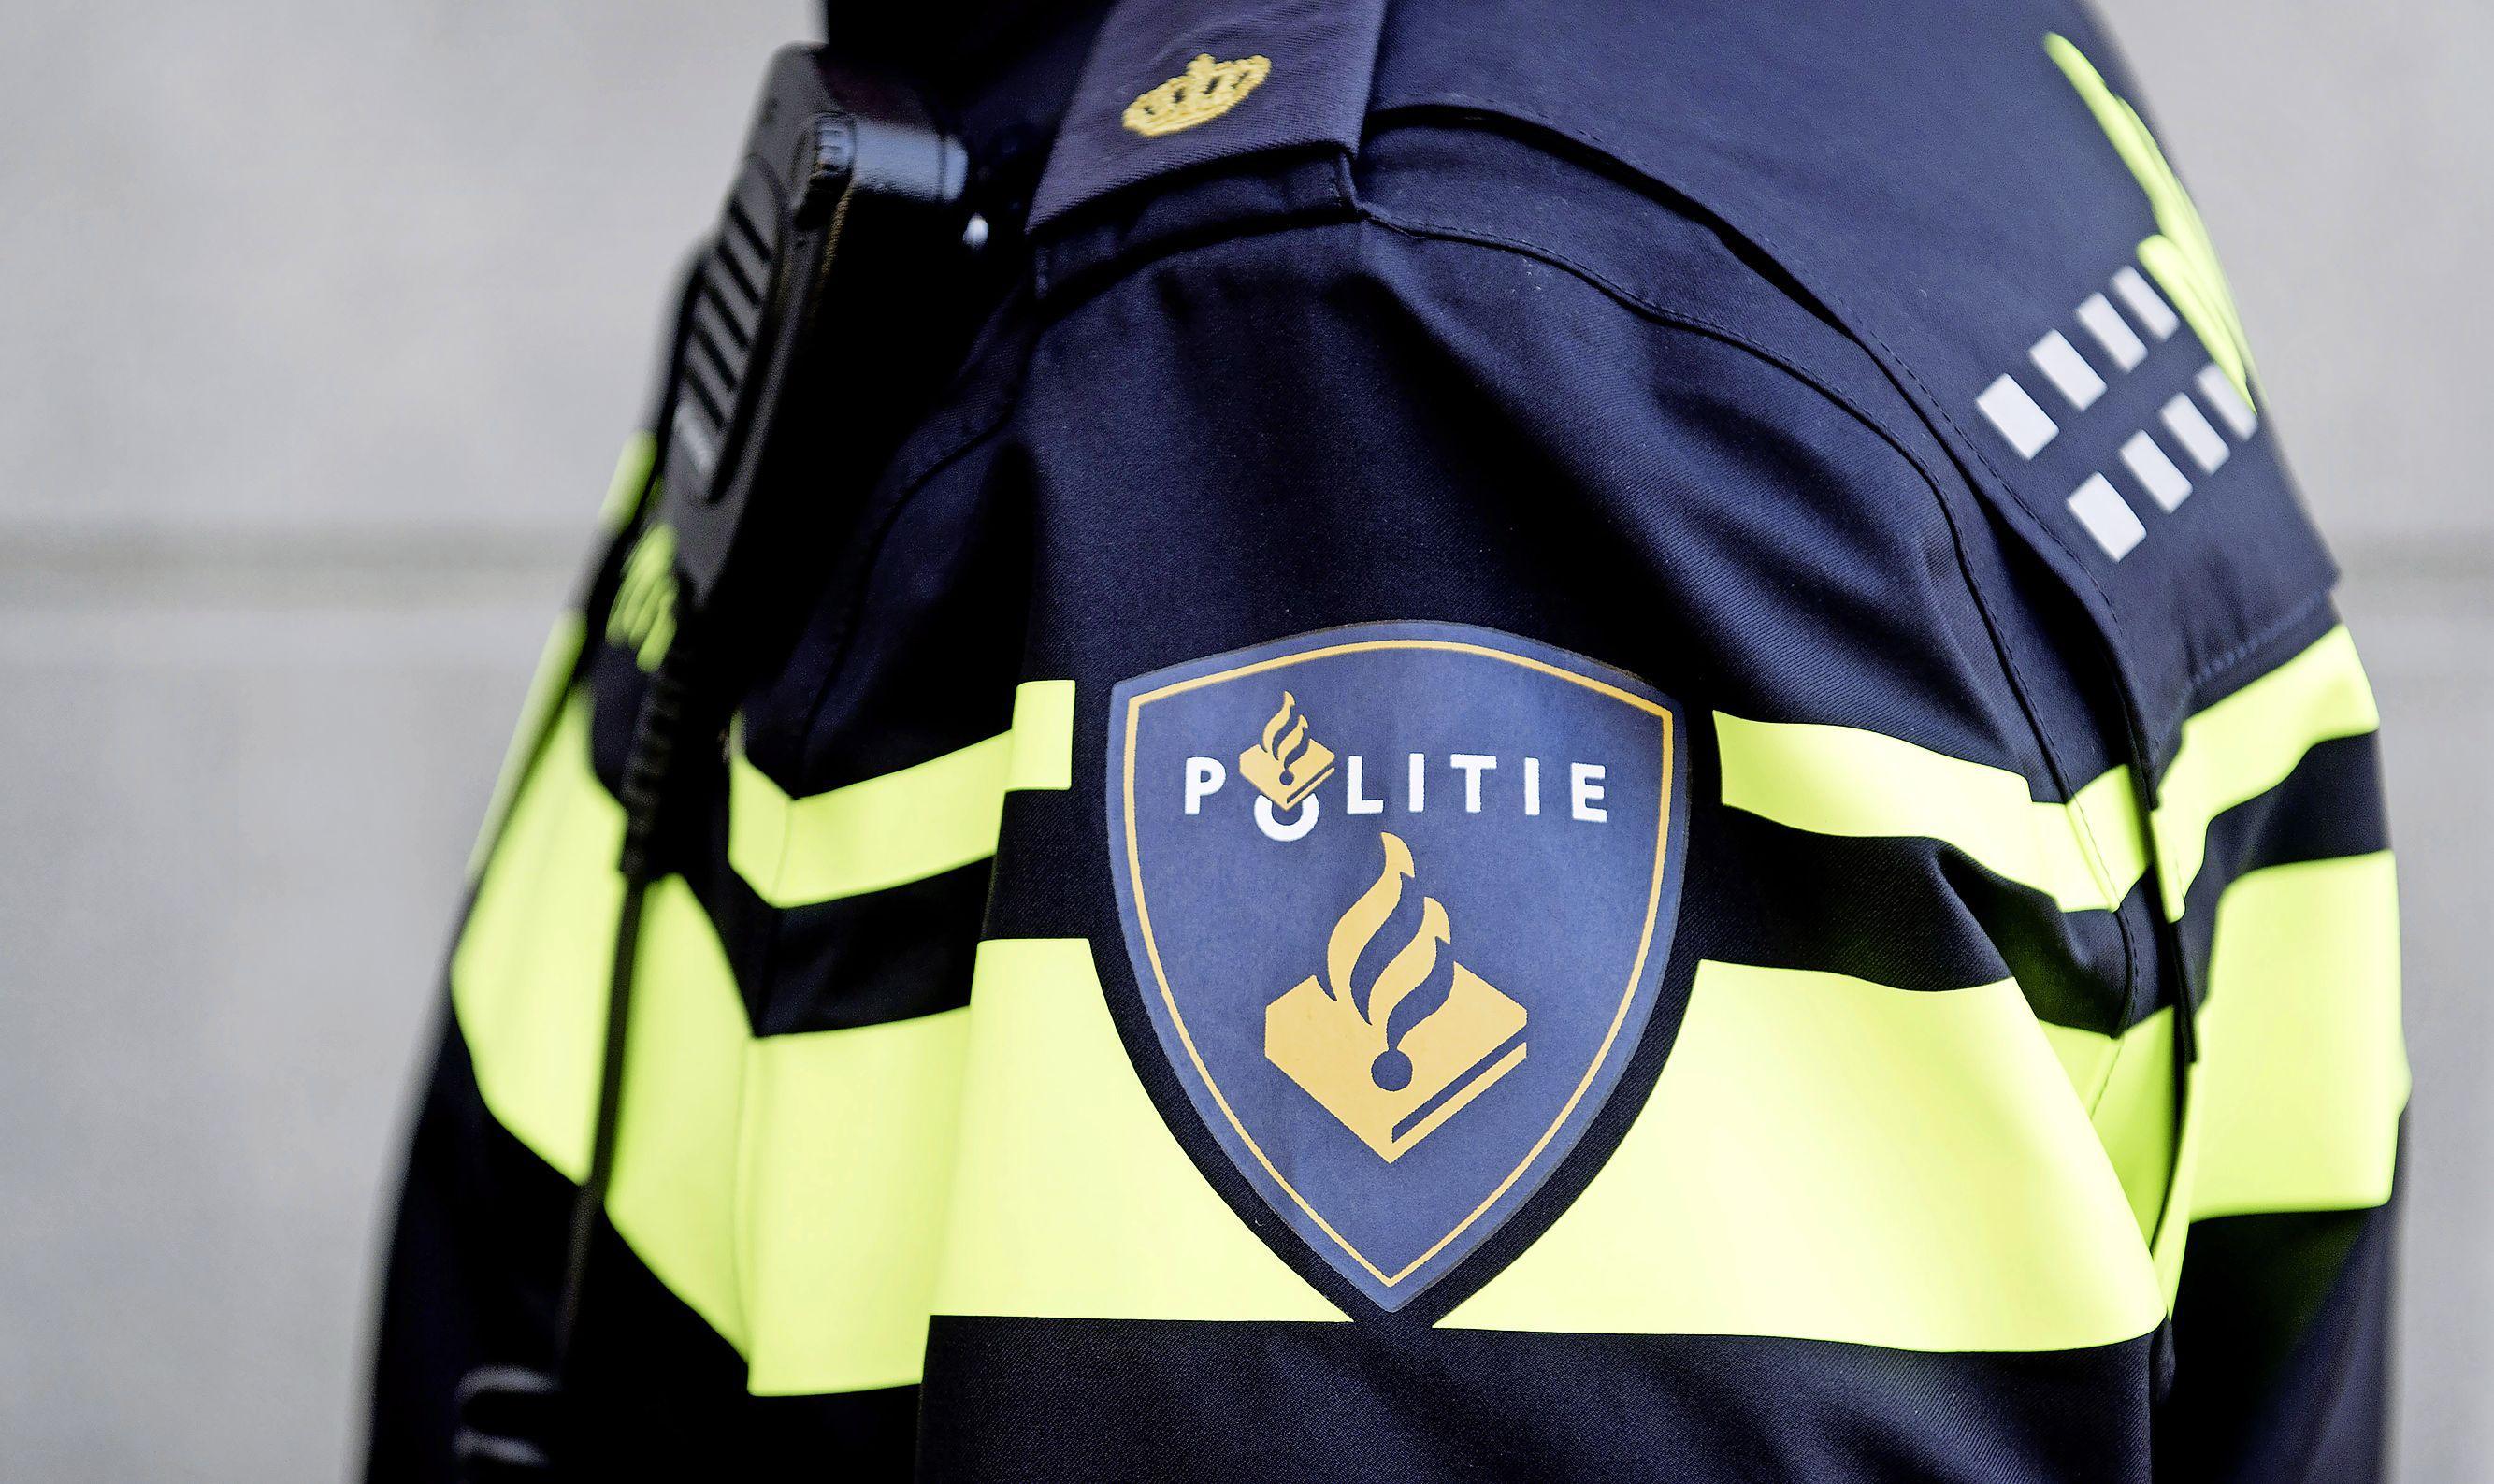 Agenten in Den Helder treffen een handelshoeveelheid drugs aan bij man uit Groningen die eerder verstoppertje speelde voor politie